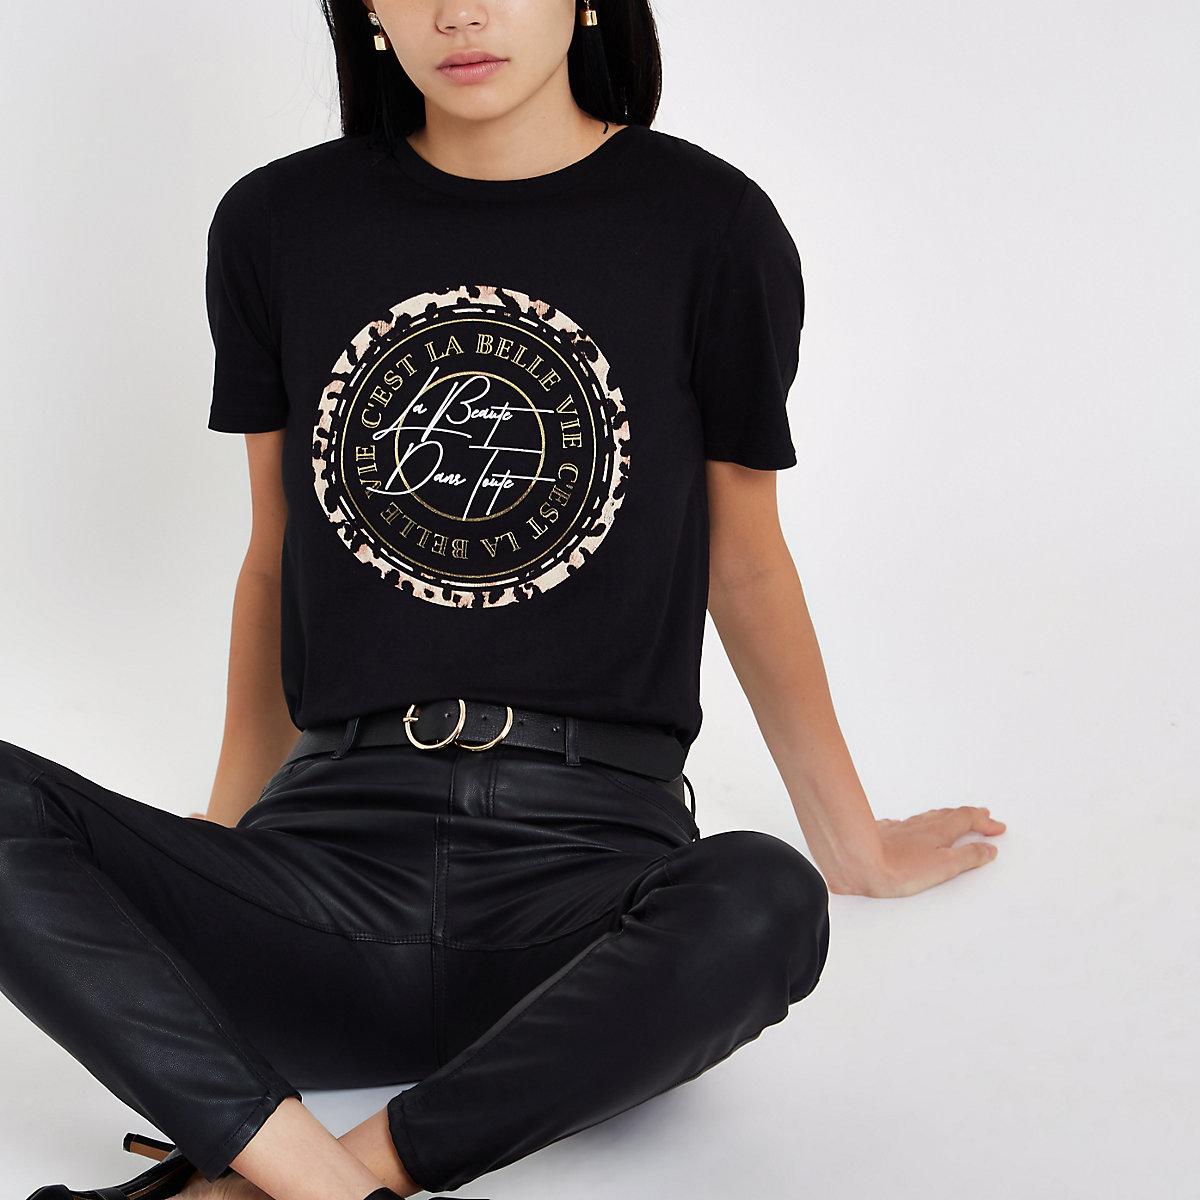 T-shirt noir à imprimé circulaire «C'est la belle»